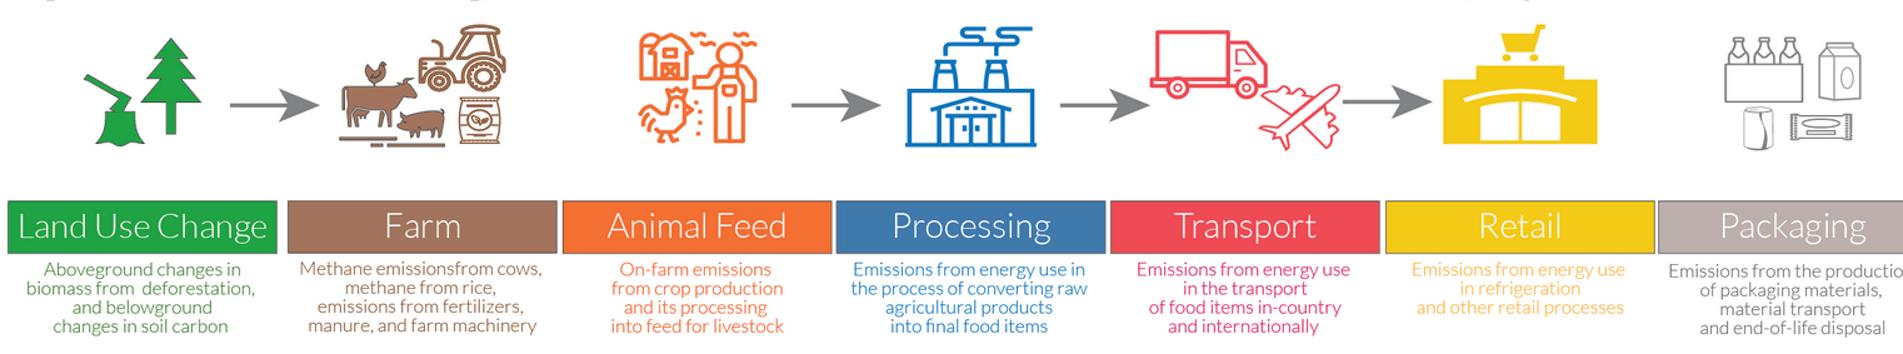 Comment réduire l'empreinte carbone de notre alimentation